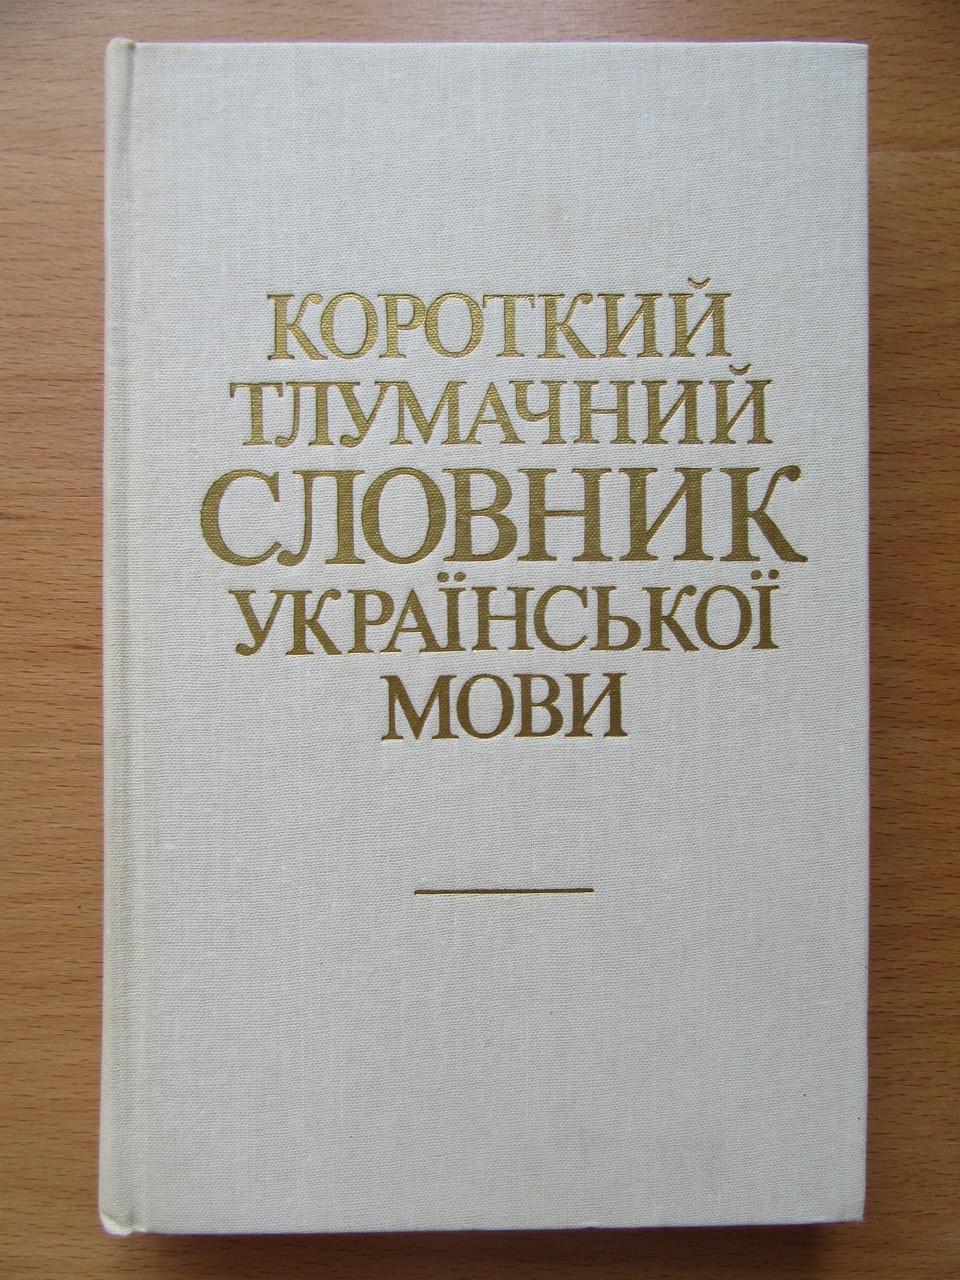 Краткий толковый словарь украинского языка. Примерно 6750 слов. Под редакцией Д.Г.Гринчишина. 2-е издание